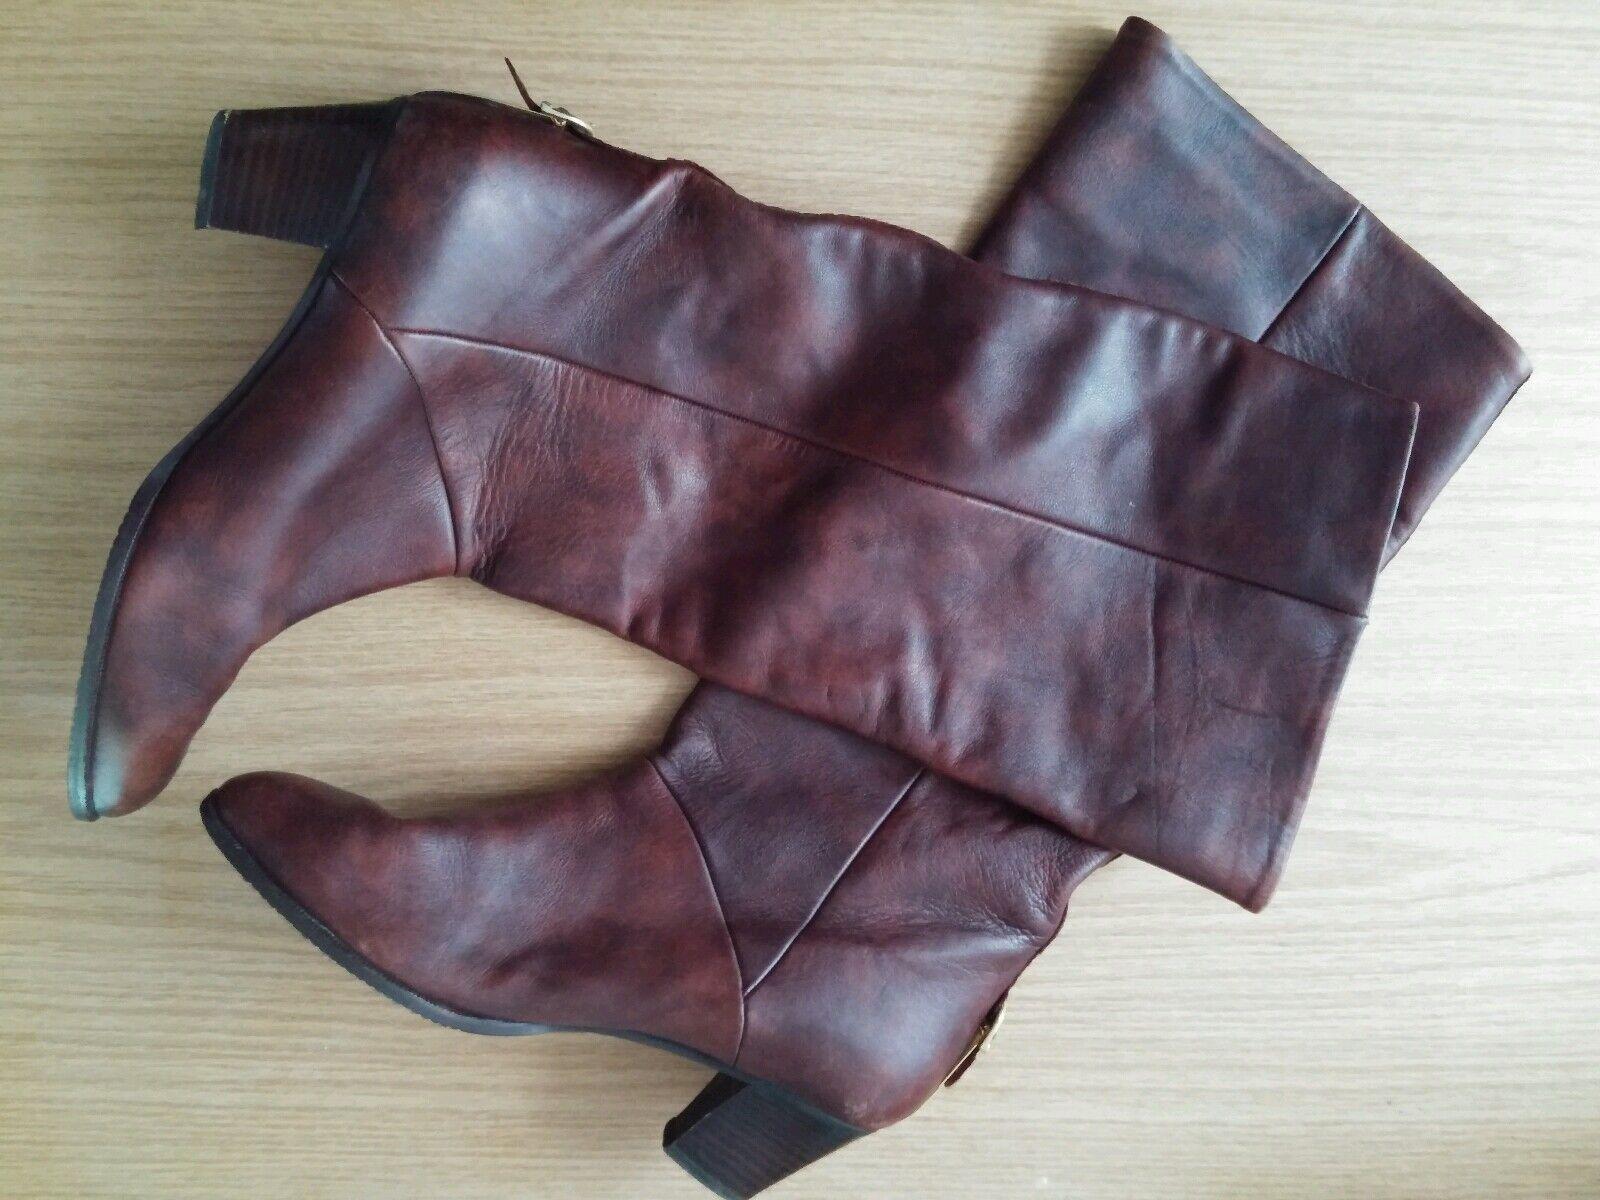 Damen Schuhe Stiefel Pumps WALTER KÄFER Gr Vintage 39 rost braun Leder Vintage Gr Boho Top 7e2793